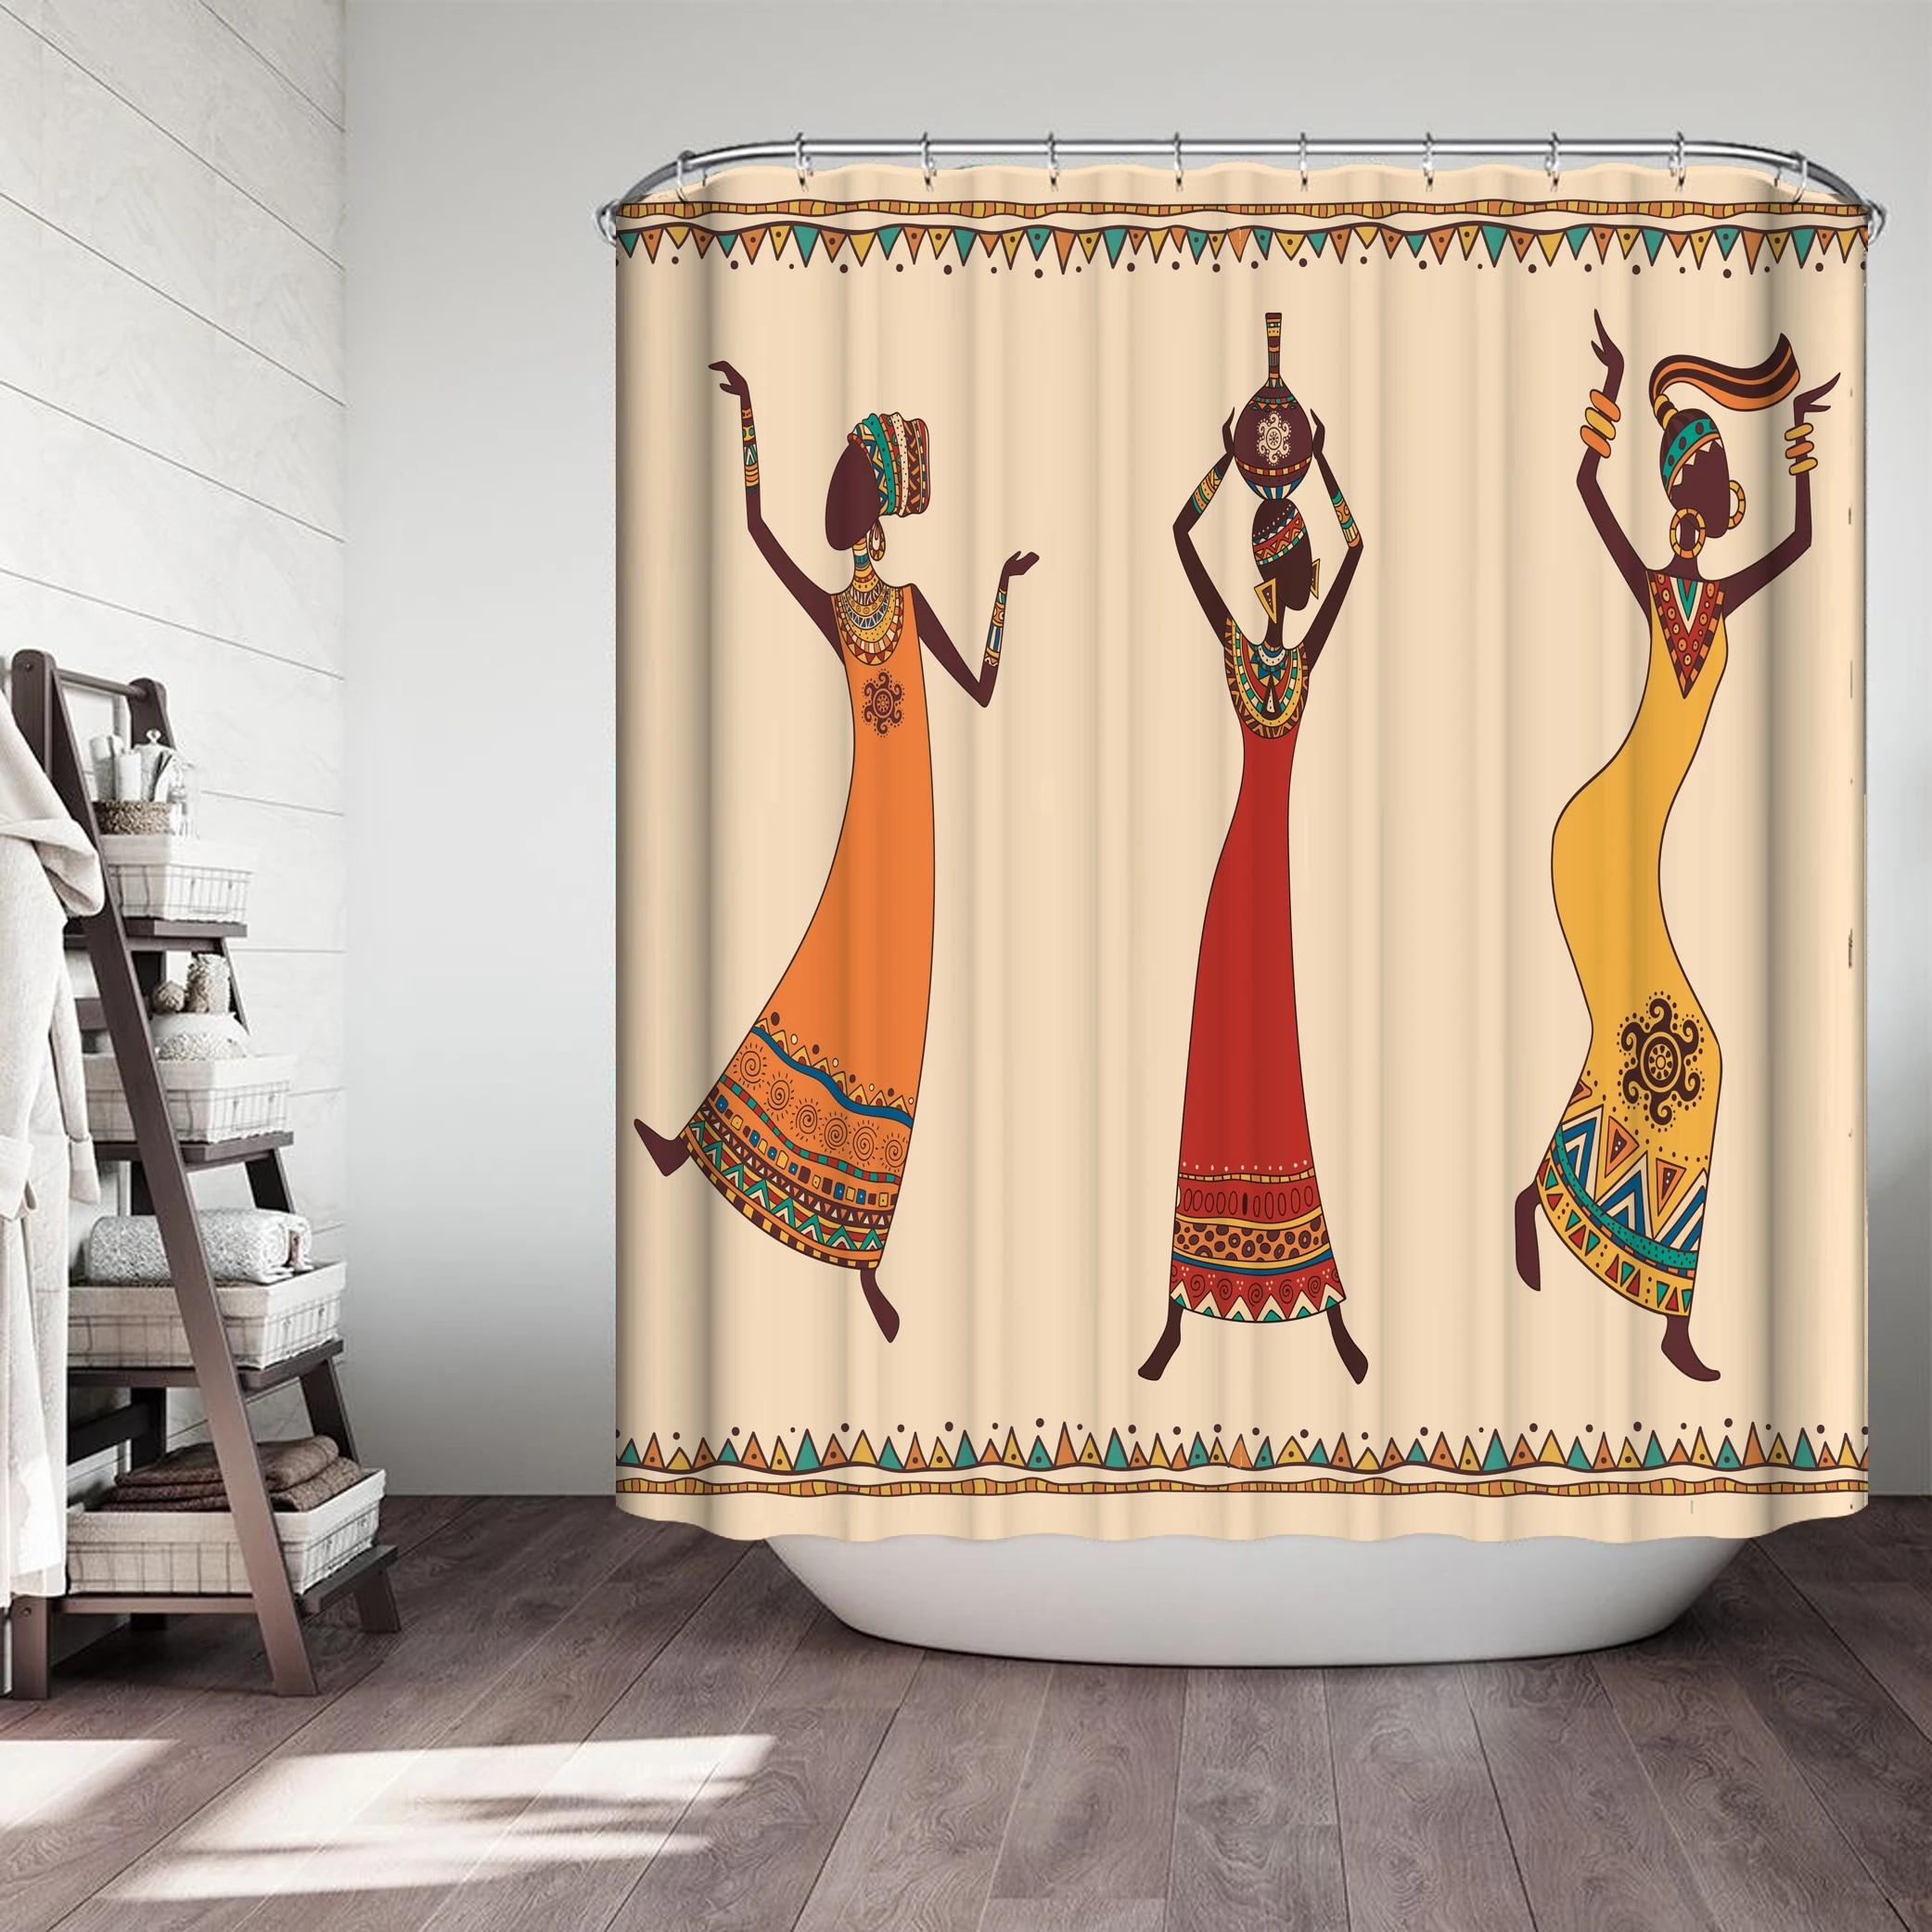 egyptien africain rideau de douche ensemble motif dans la salle de bain tissu impermeable pour salle de bain rideaux ecrans de bain decor a la maison